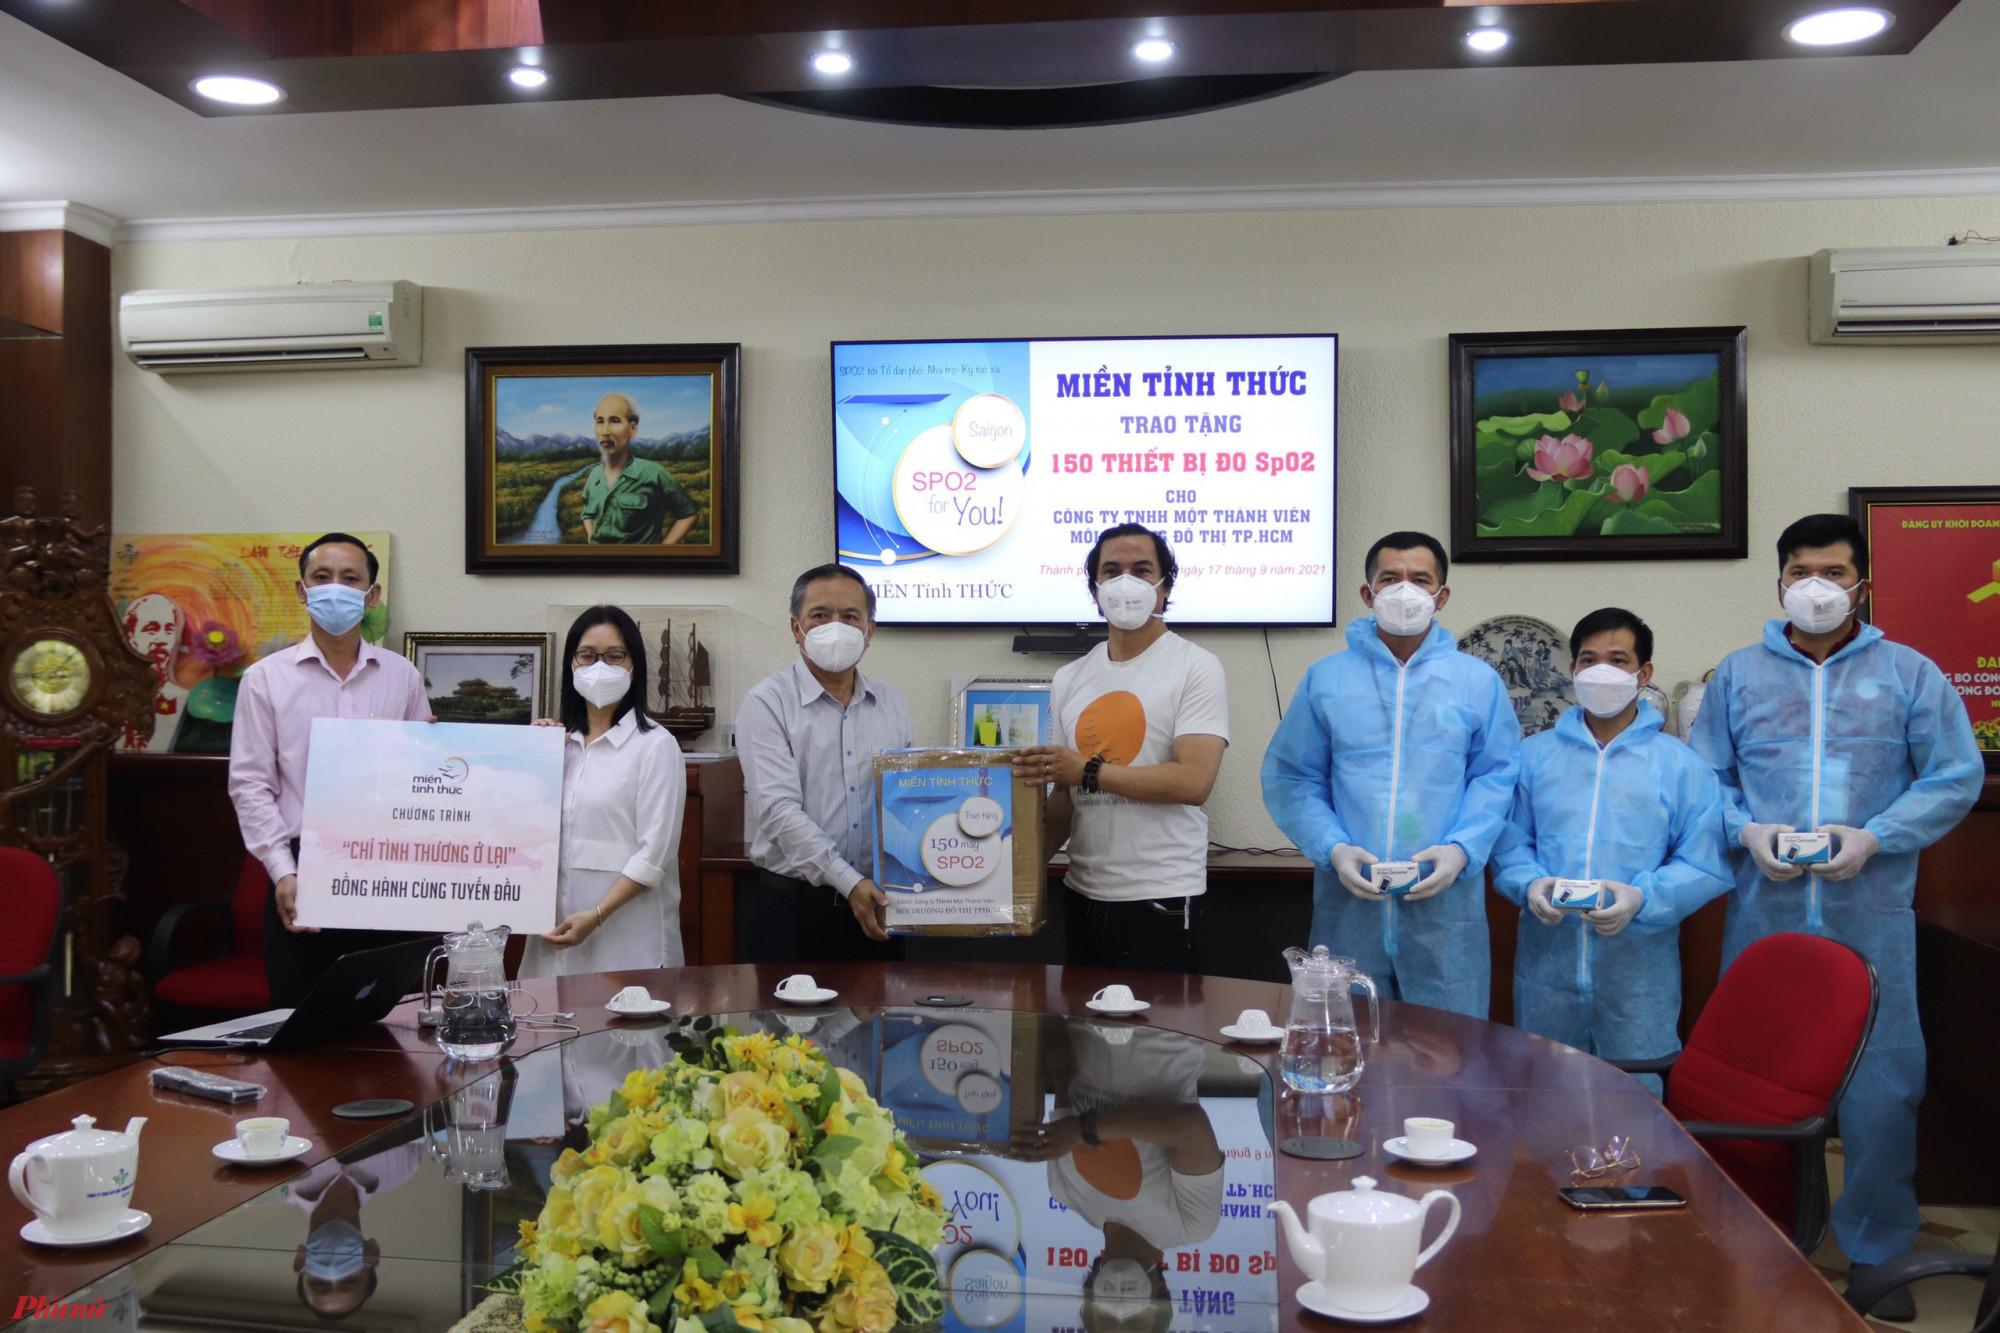 Các đơn vị tặng tặng 150 thiết bị đo SpO2 cho công nhân môi trường